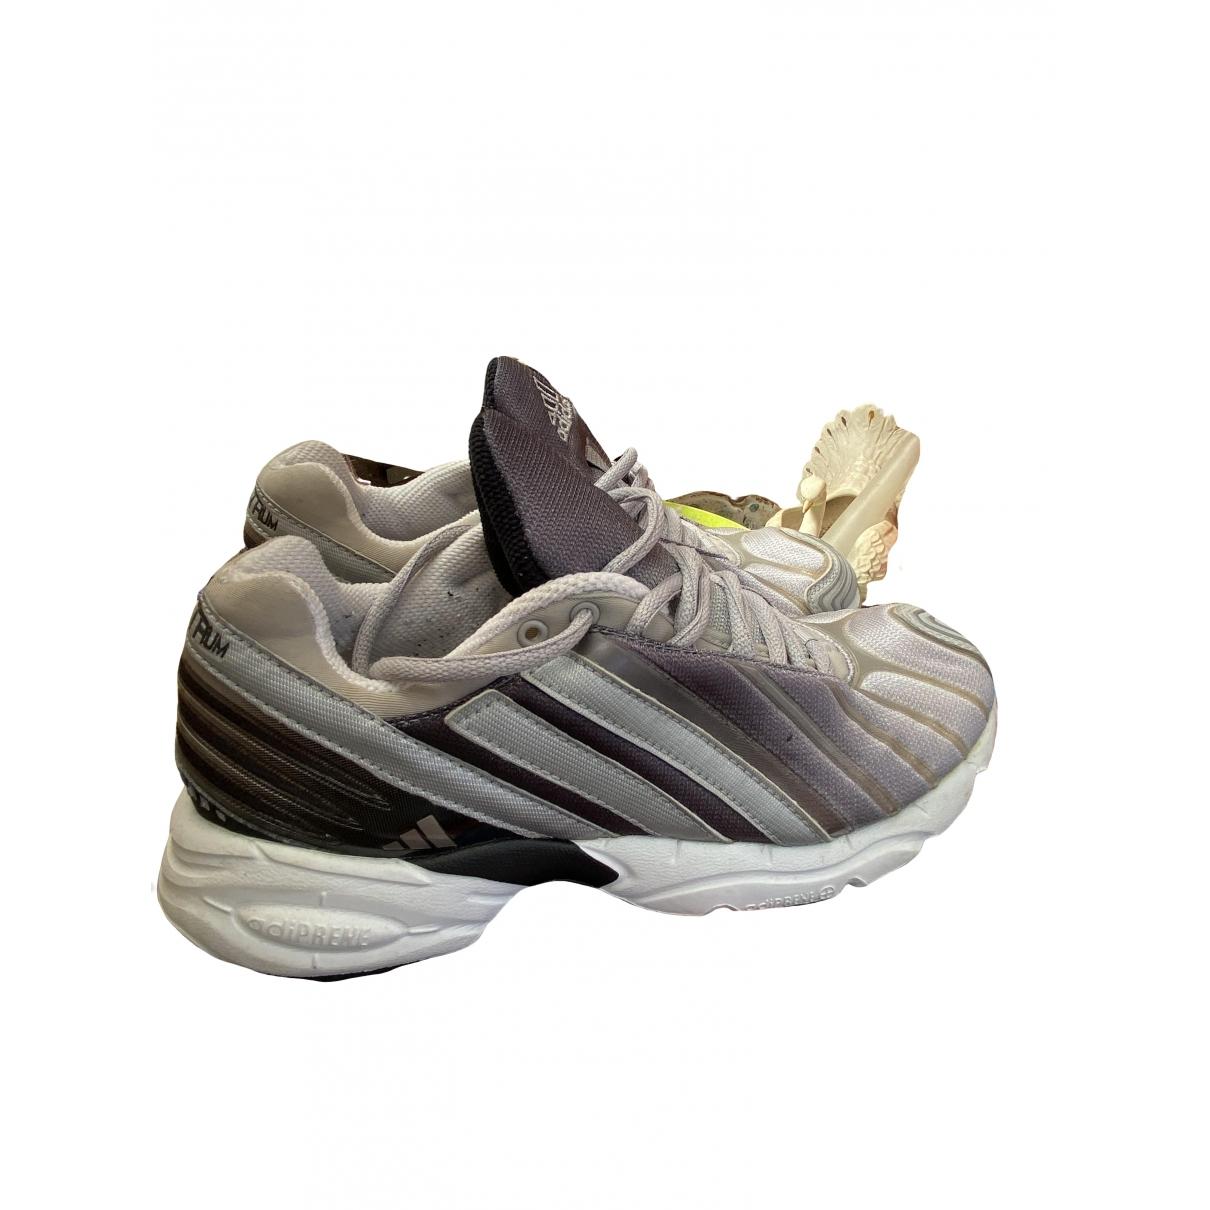 Adidas - Baskets   pour femme - multicolore